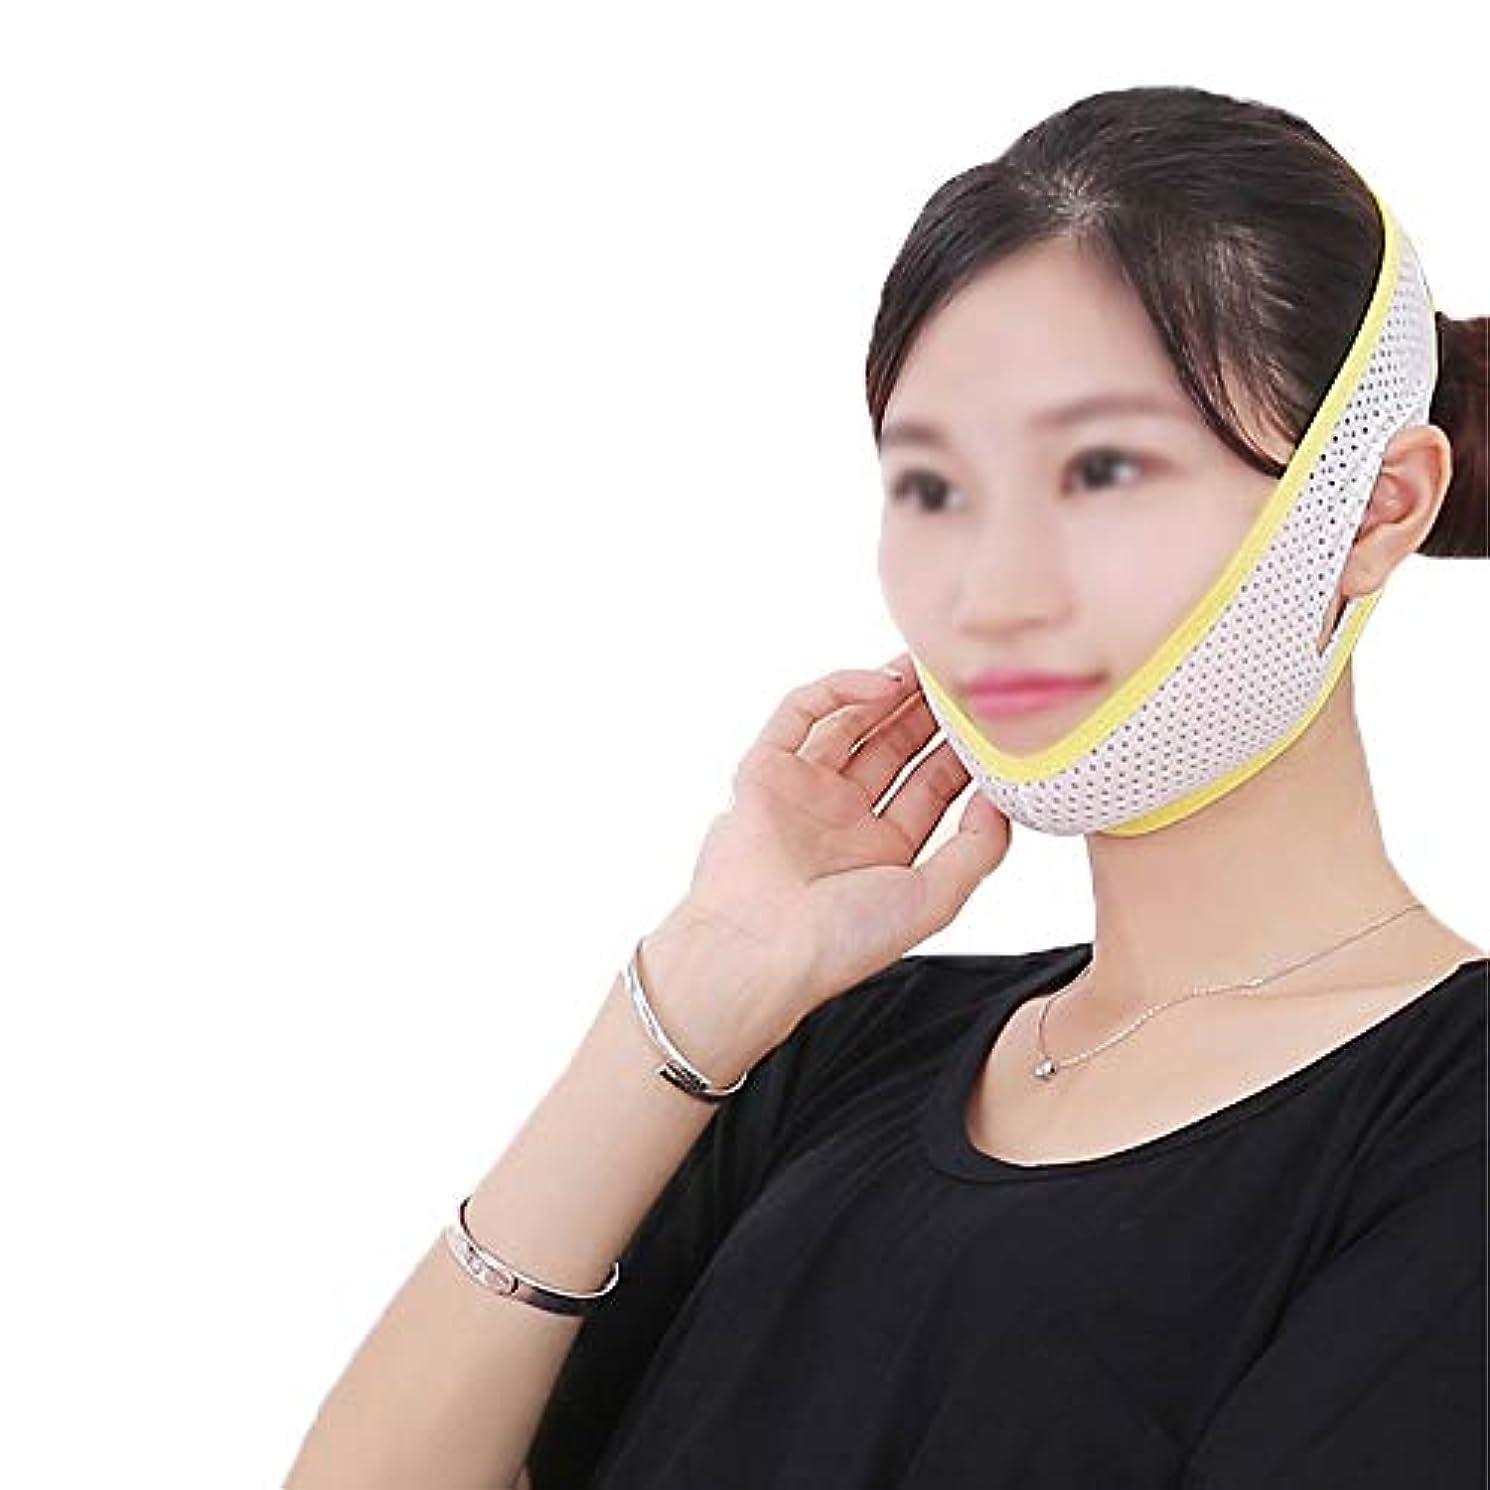 ナインへテレックス正しくGLJJQMY 顔と首リフト薄いフェイスマスク強力な薄いフェイスツール締め付け薄いフェイスマスクアーティファクト薄いフェイス包帯薄い顔デバイス 顔用整形マスク (Size : M)